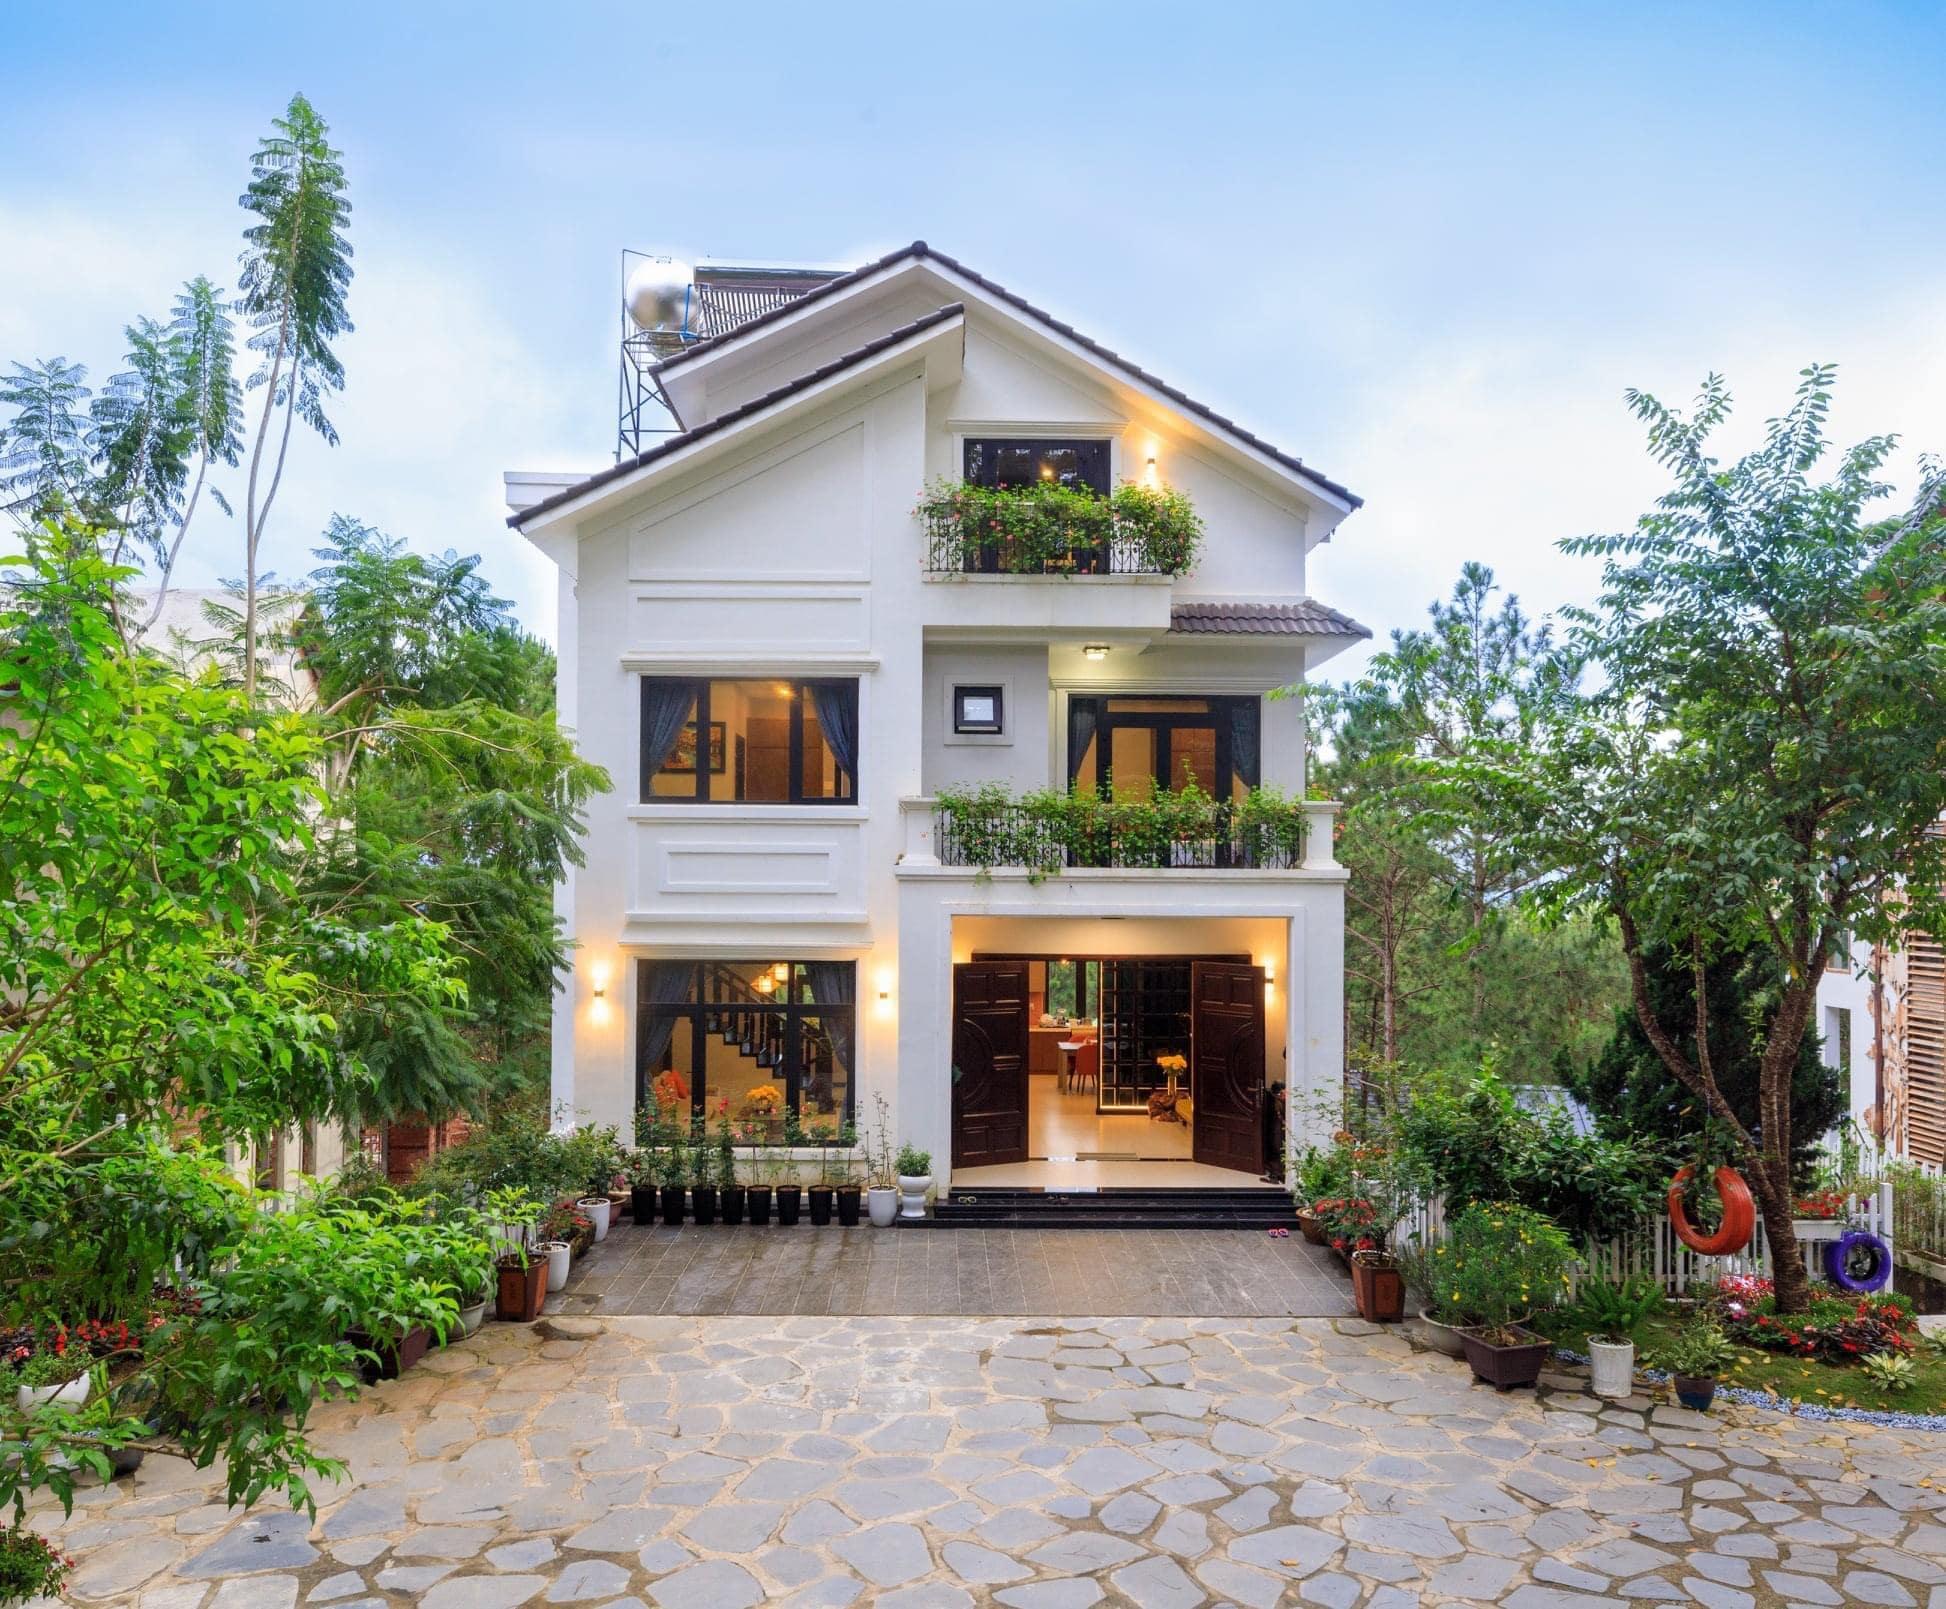 Hoa Villa